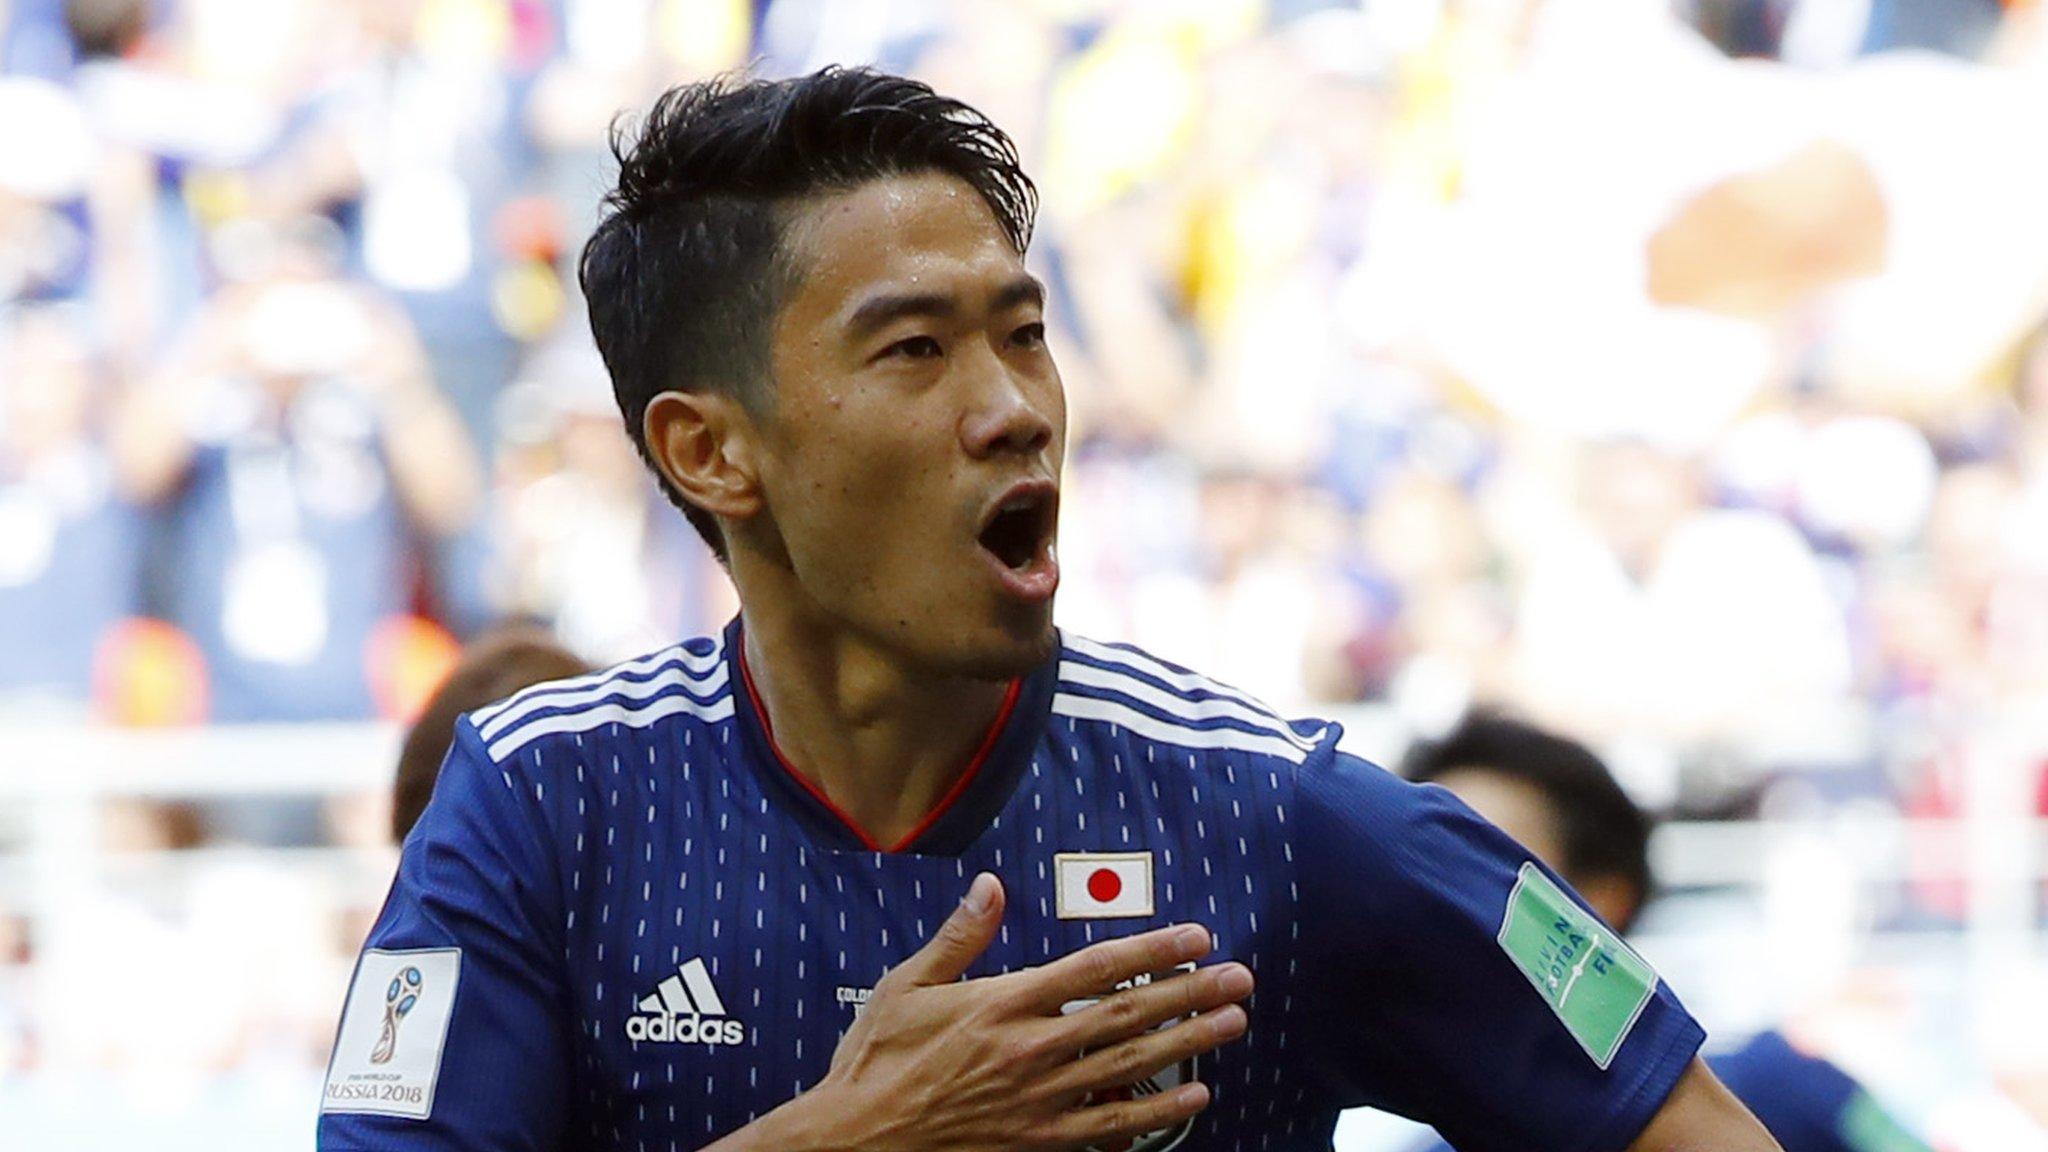 World Cup 2018: Carlos Sanchez sent off as Kagawa slots home penalty for Japan